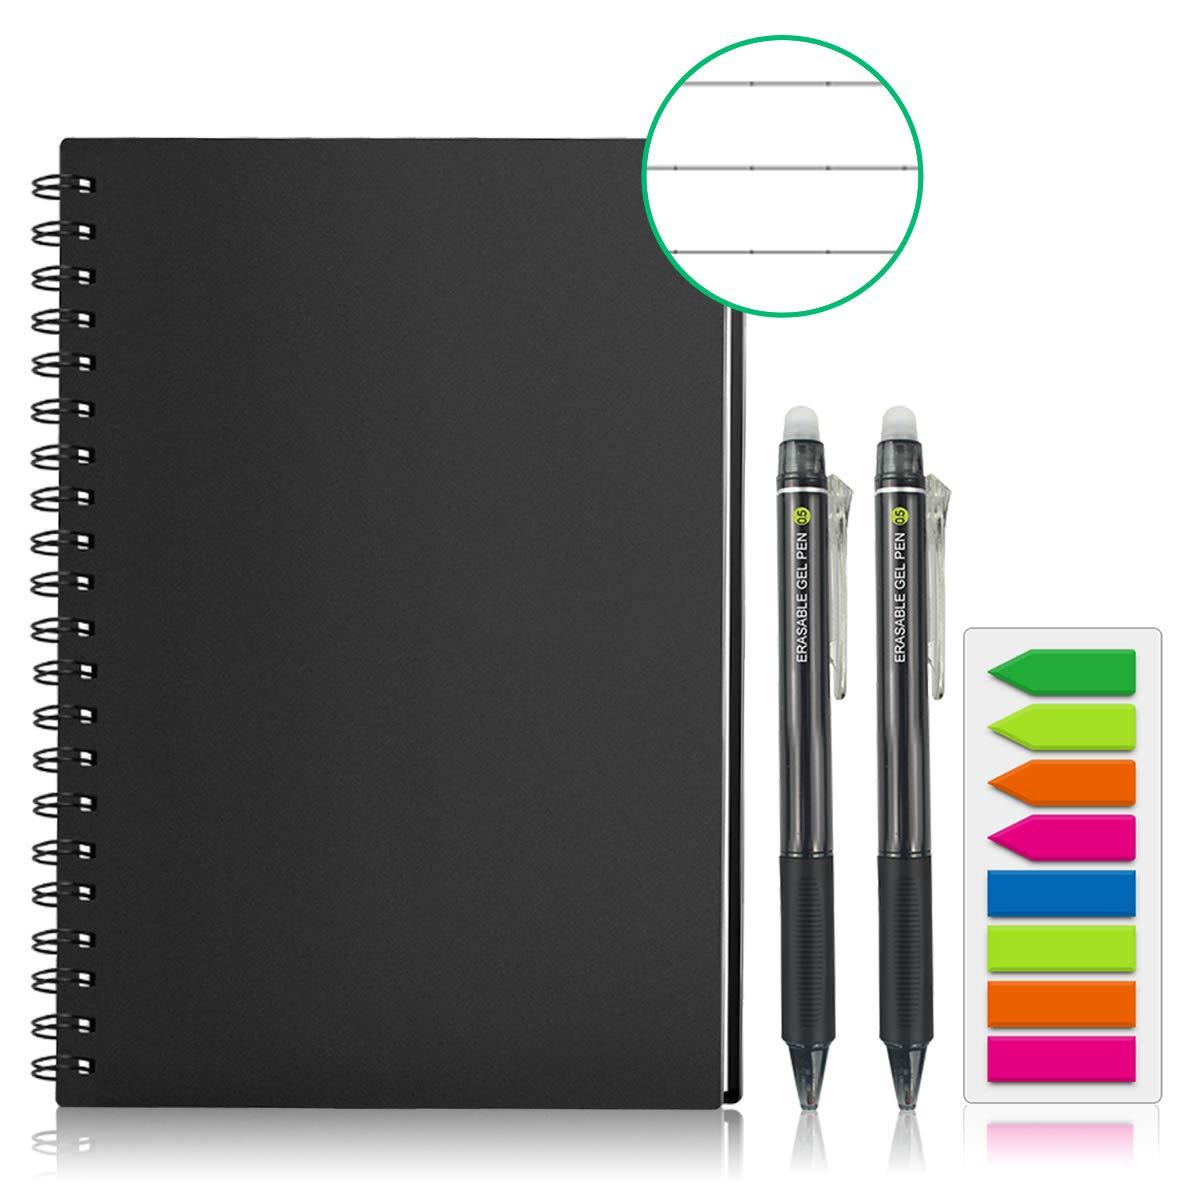 Guyucom Carnet de notes intelligent, réutilisable, format lettre, effaçable, avec bloc-notes de croquis avec stylos, stockage d'applications (A4)